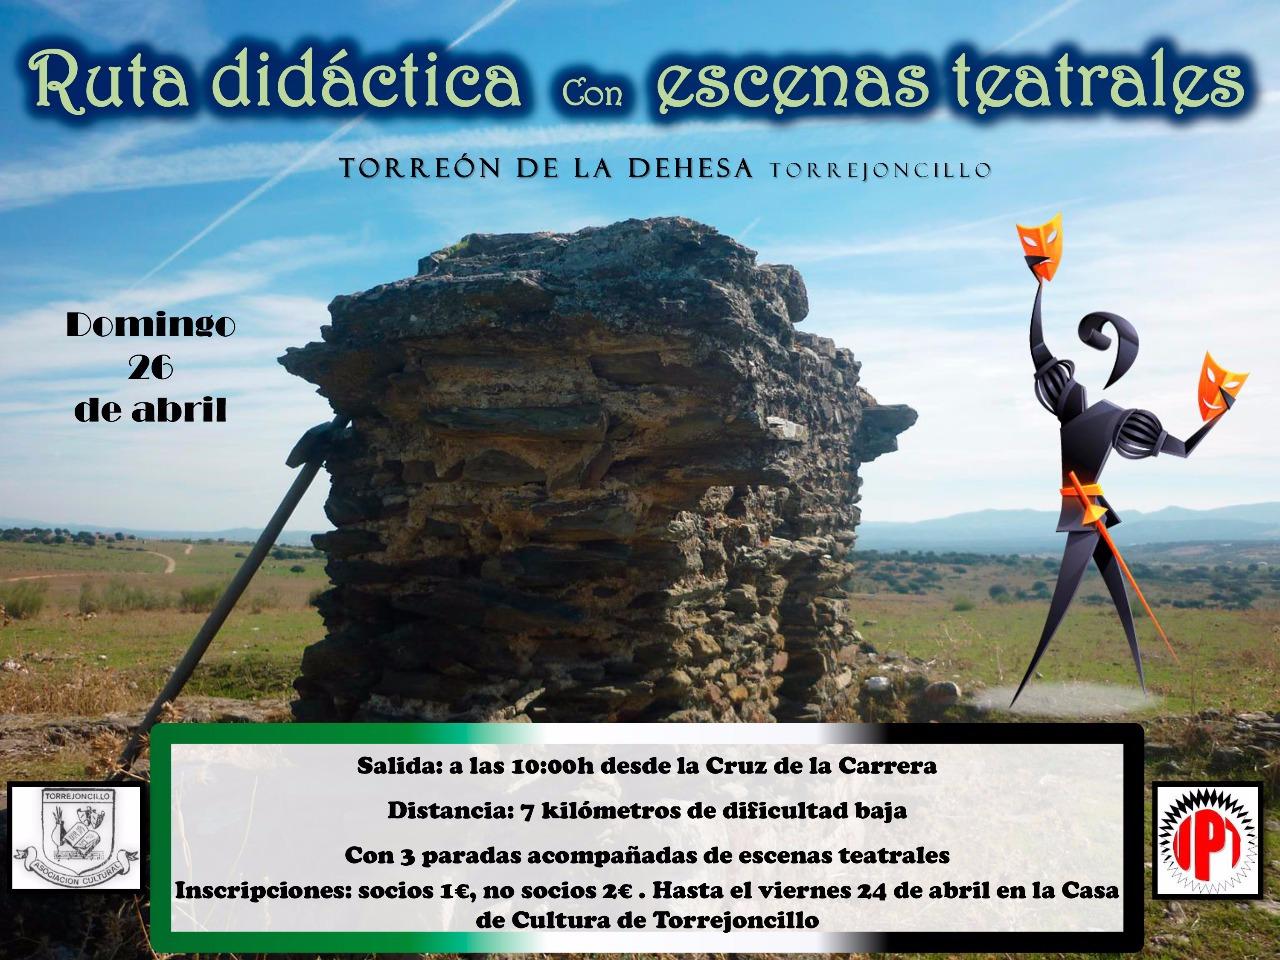 Ruta didáctica con escenas teatrales en Torrejoncillo